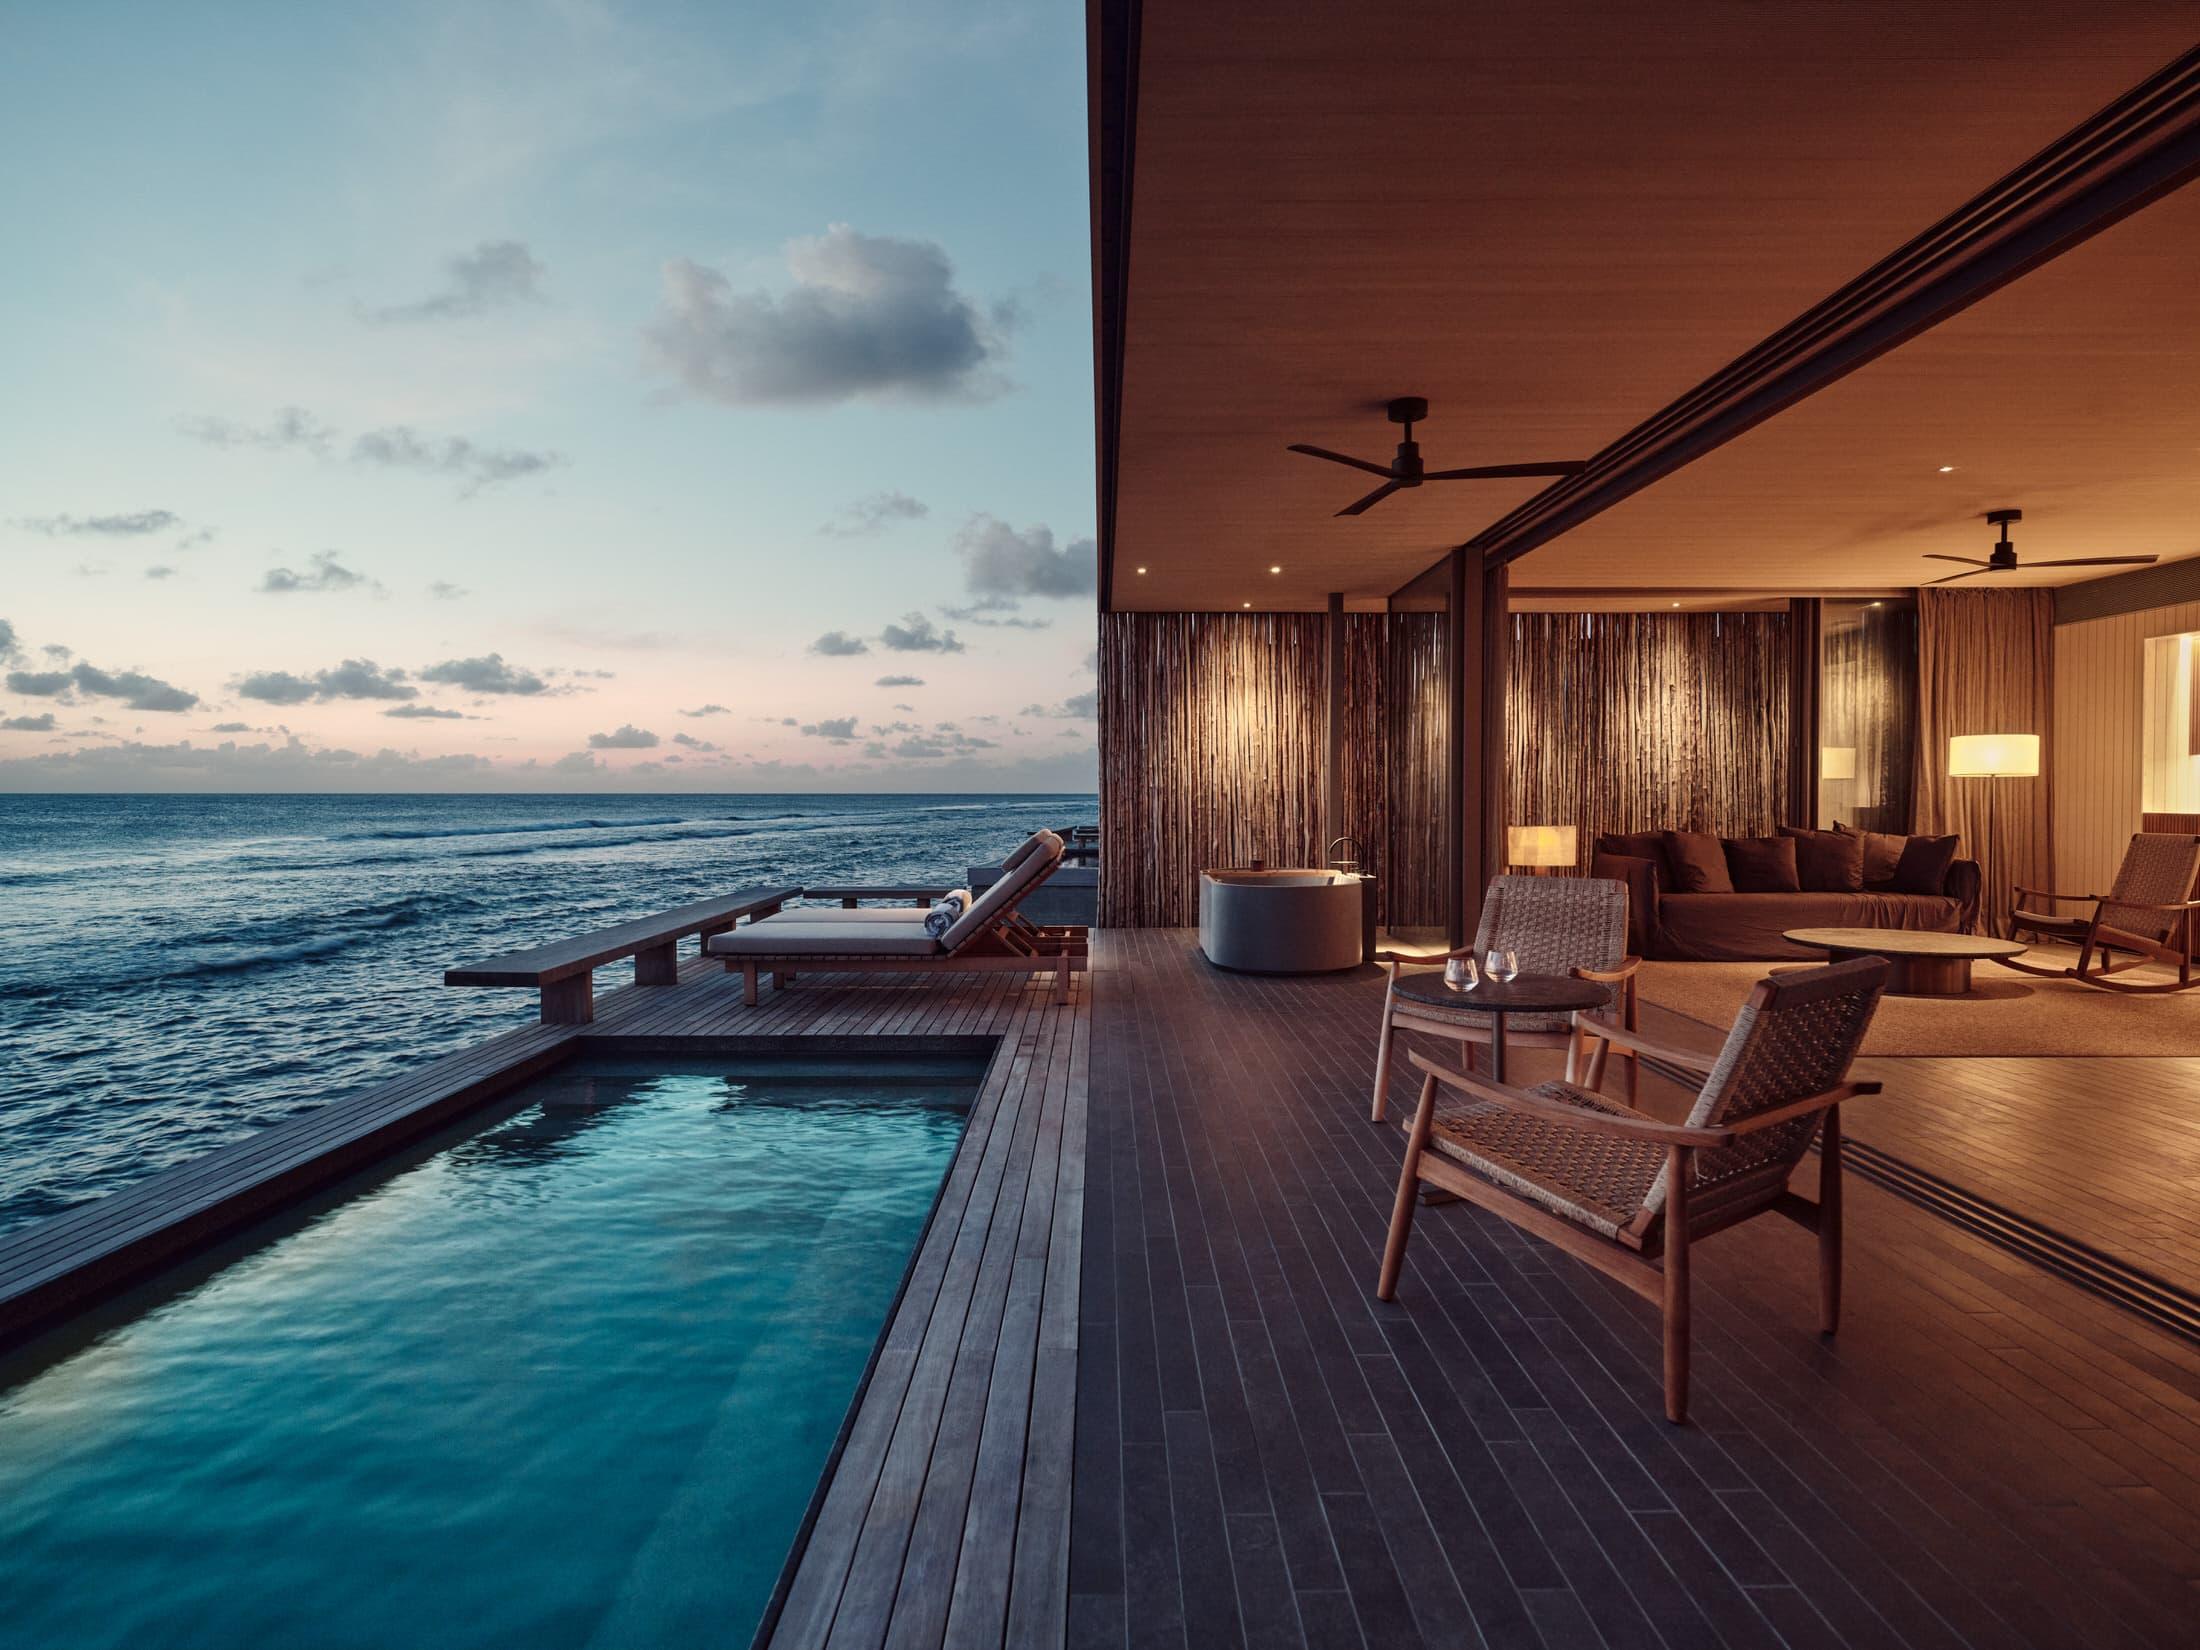 Studio Mk27 Patina Maldives Luxury Resort Yellowtrace 31